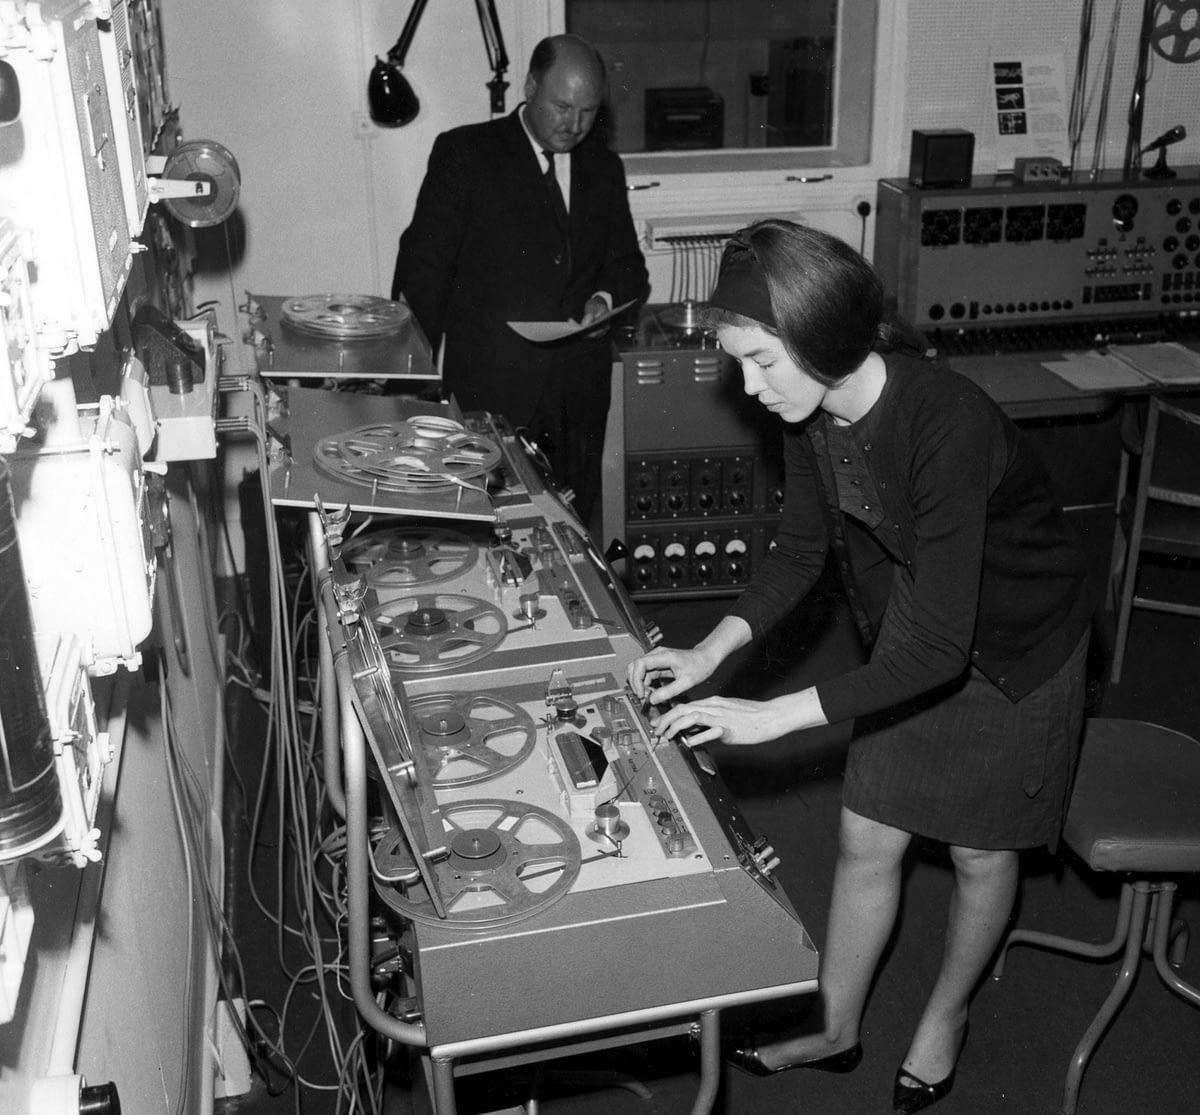 Архивные записи пионера электронной музыки Делии Дербишир станут доступны онлайн 1